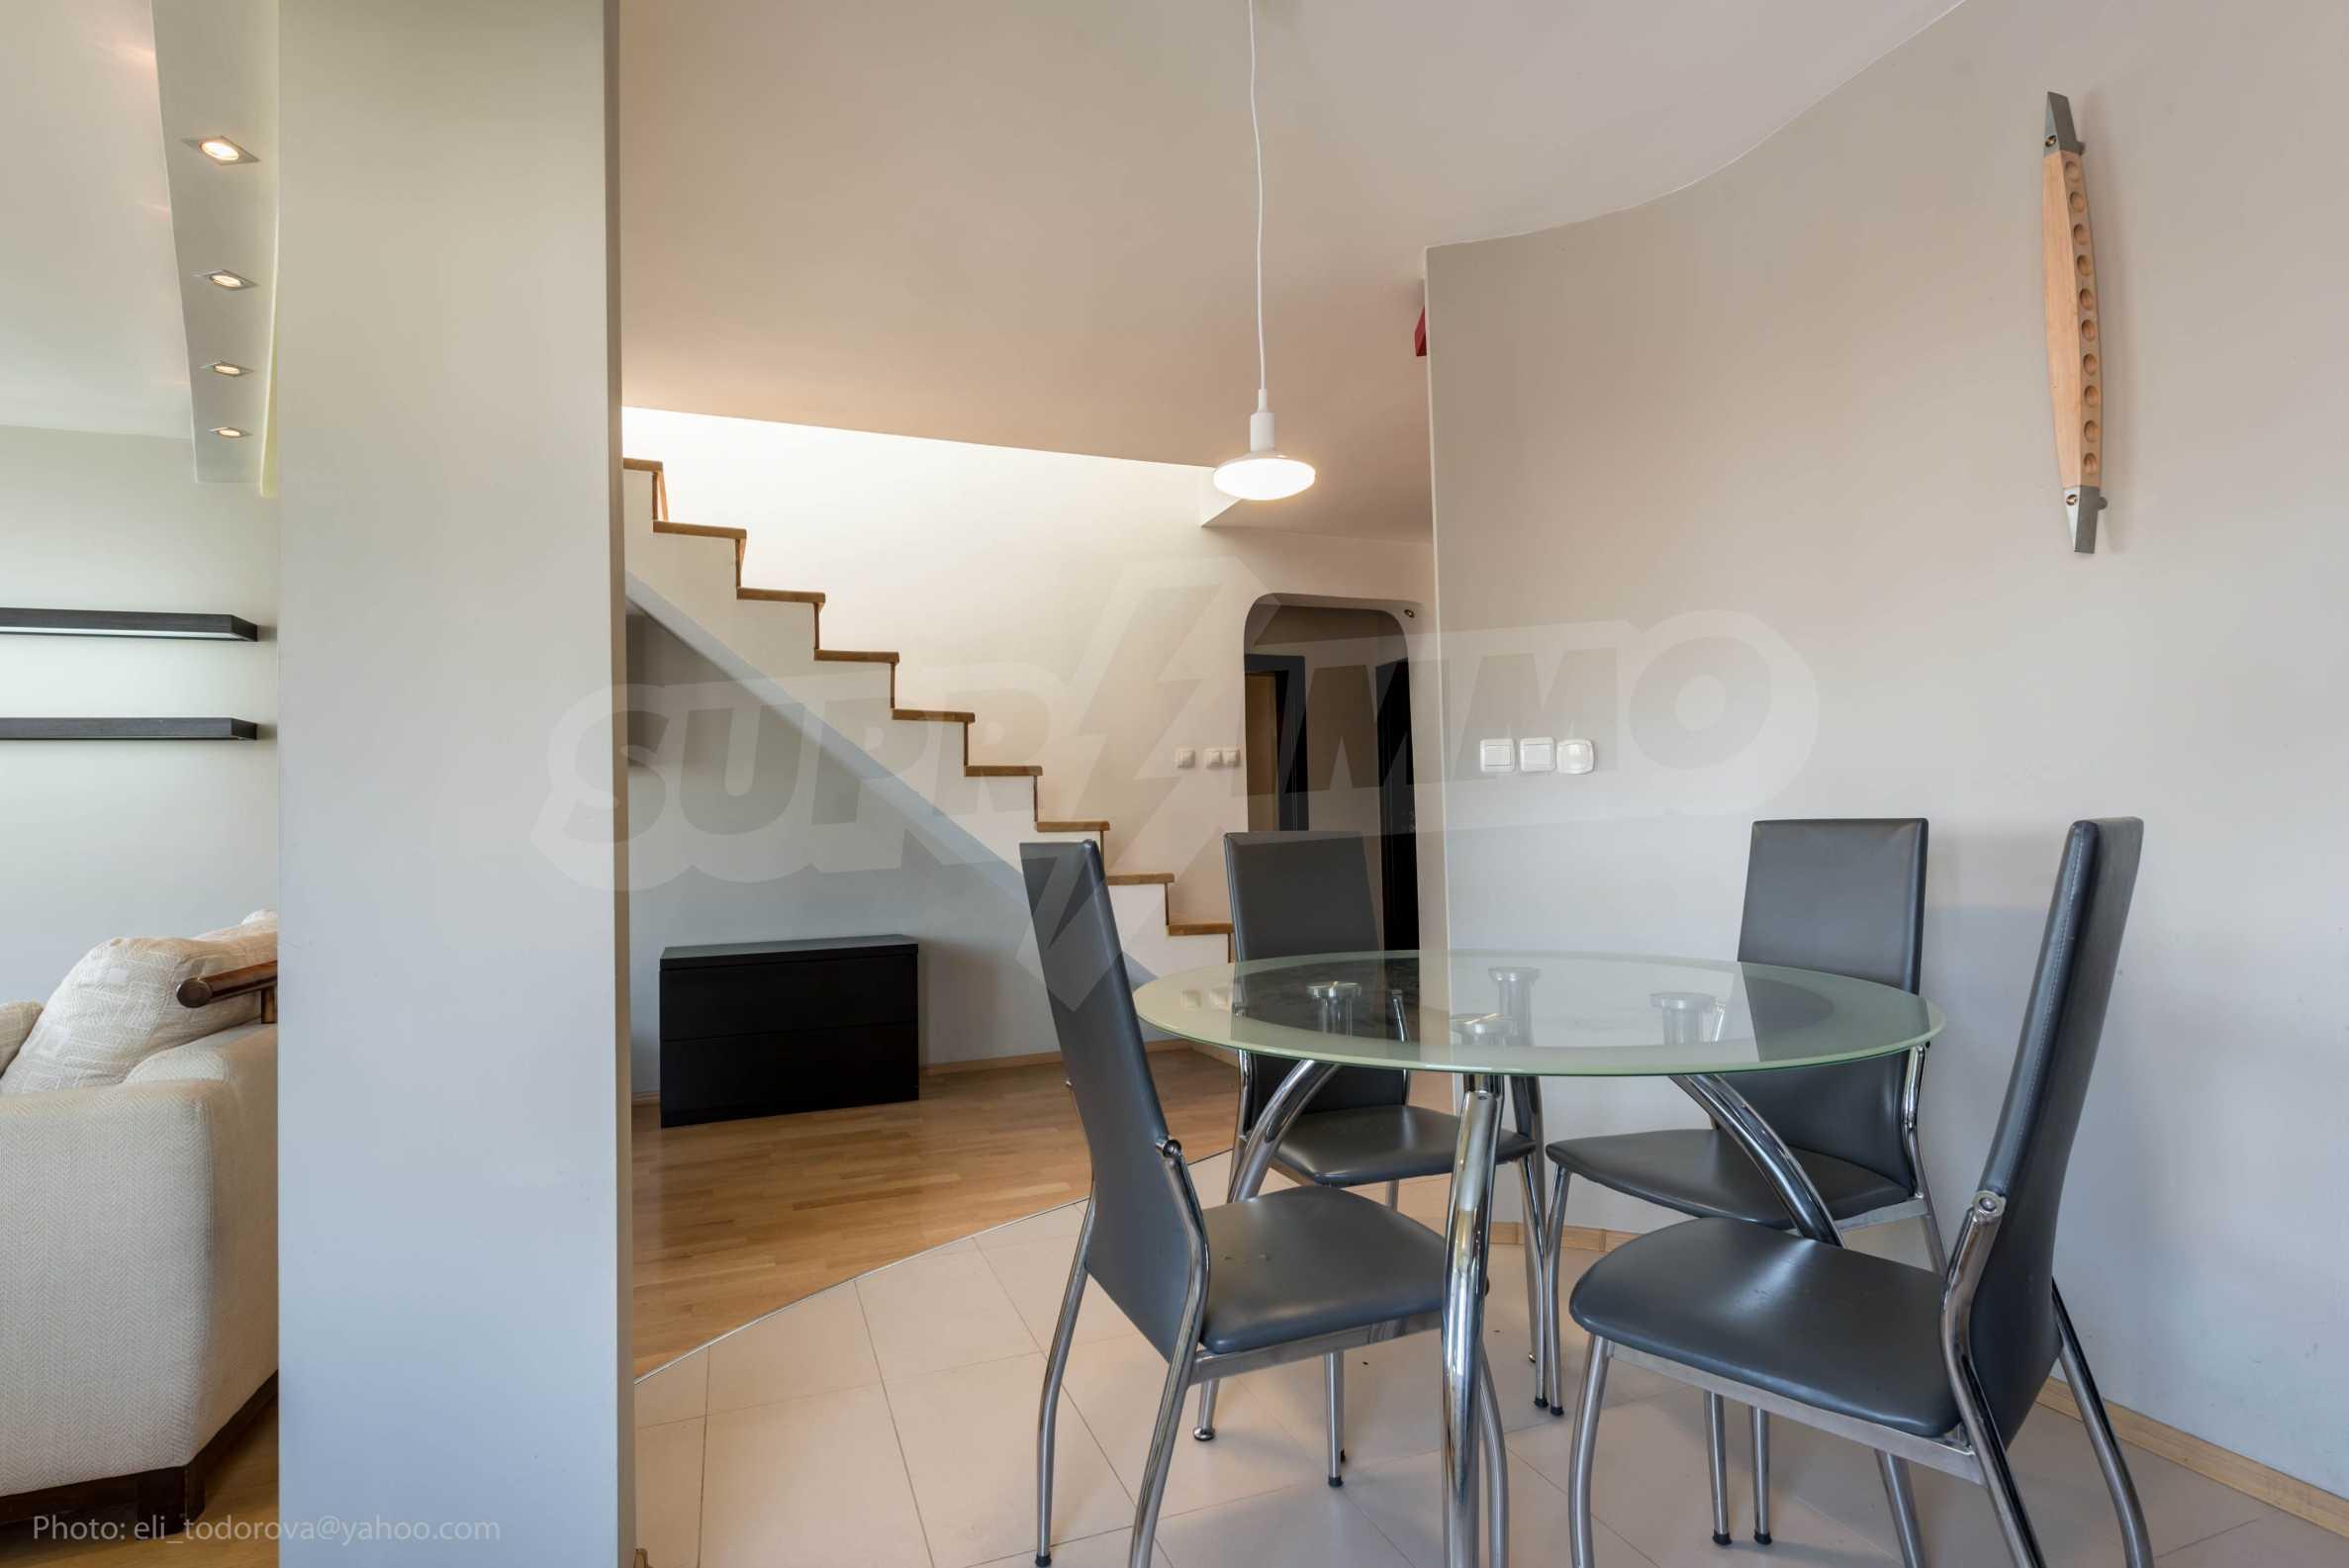 Квартира «Миша» - отличная трехкомнатная недвижимость в идеальном центре. 9